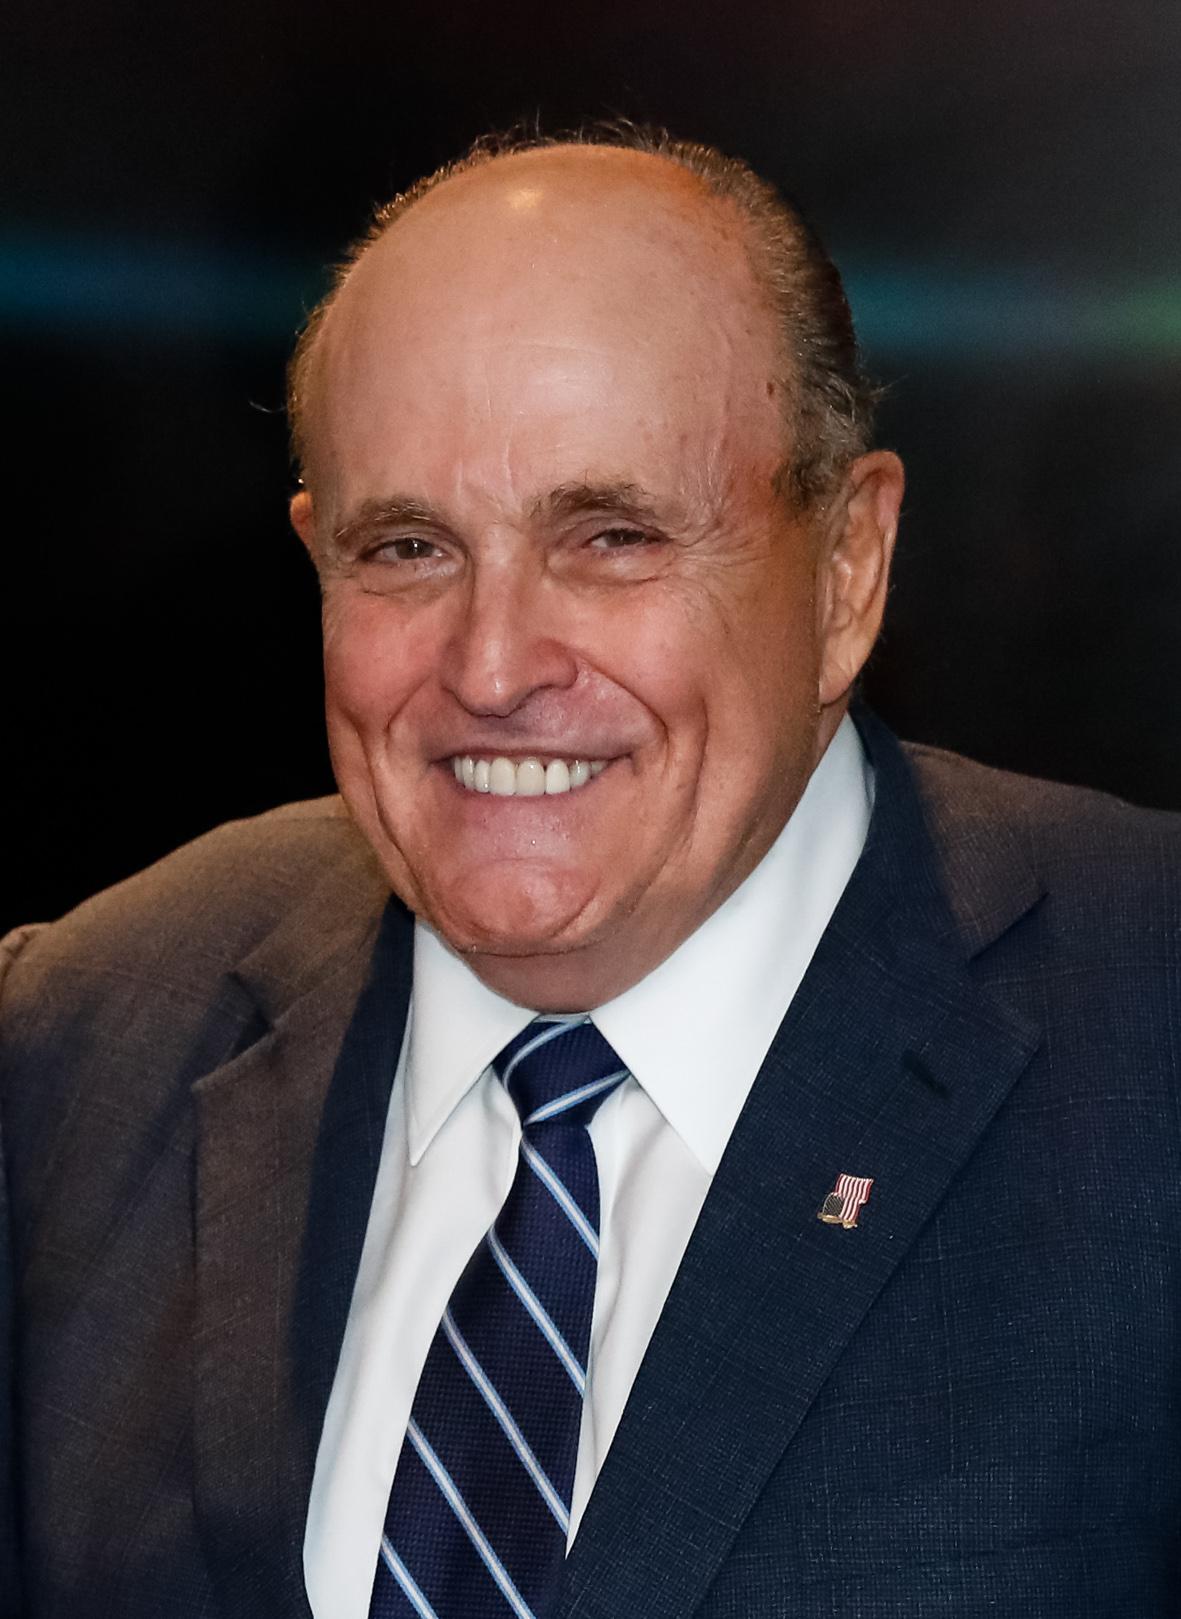 Rudy Giuliani - Wikipedia